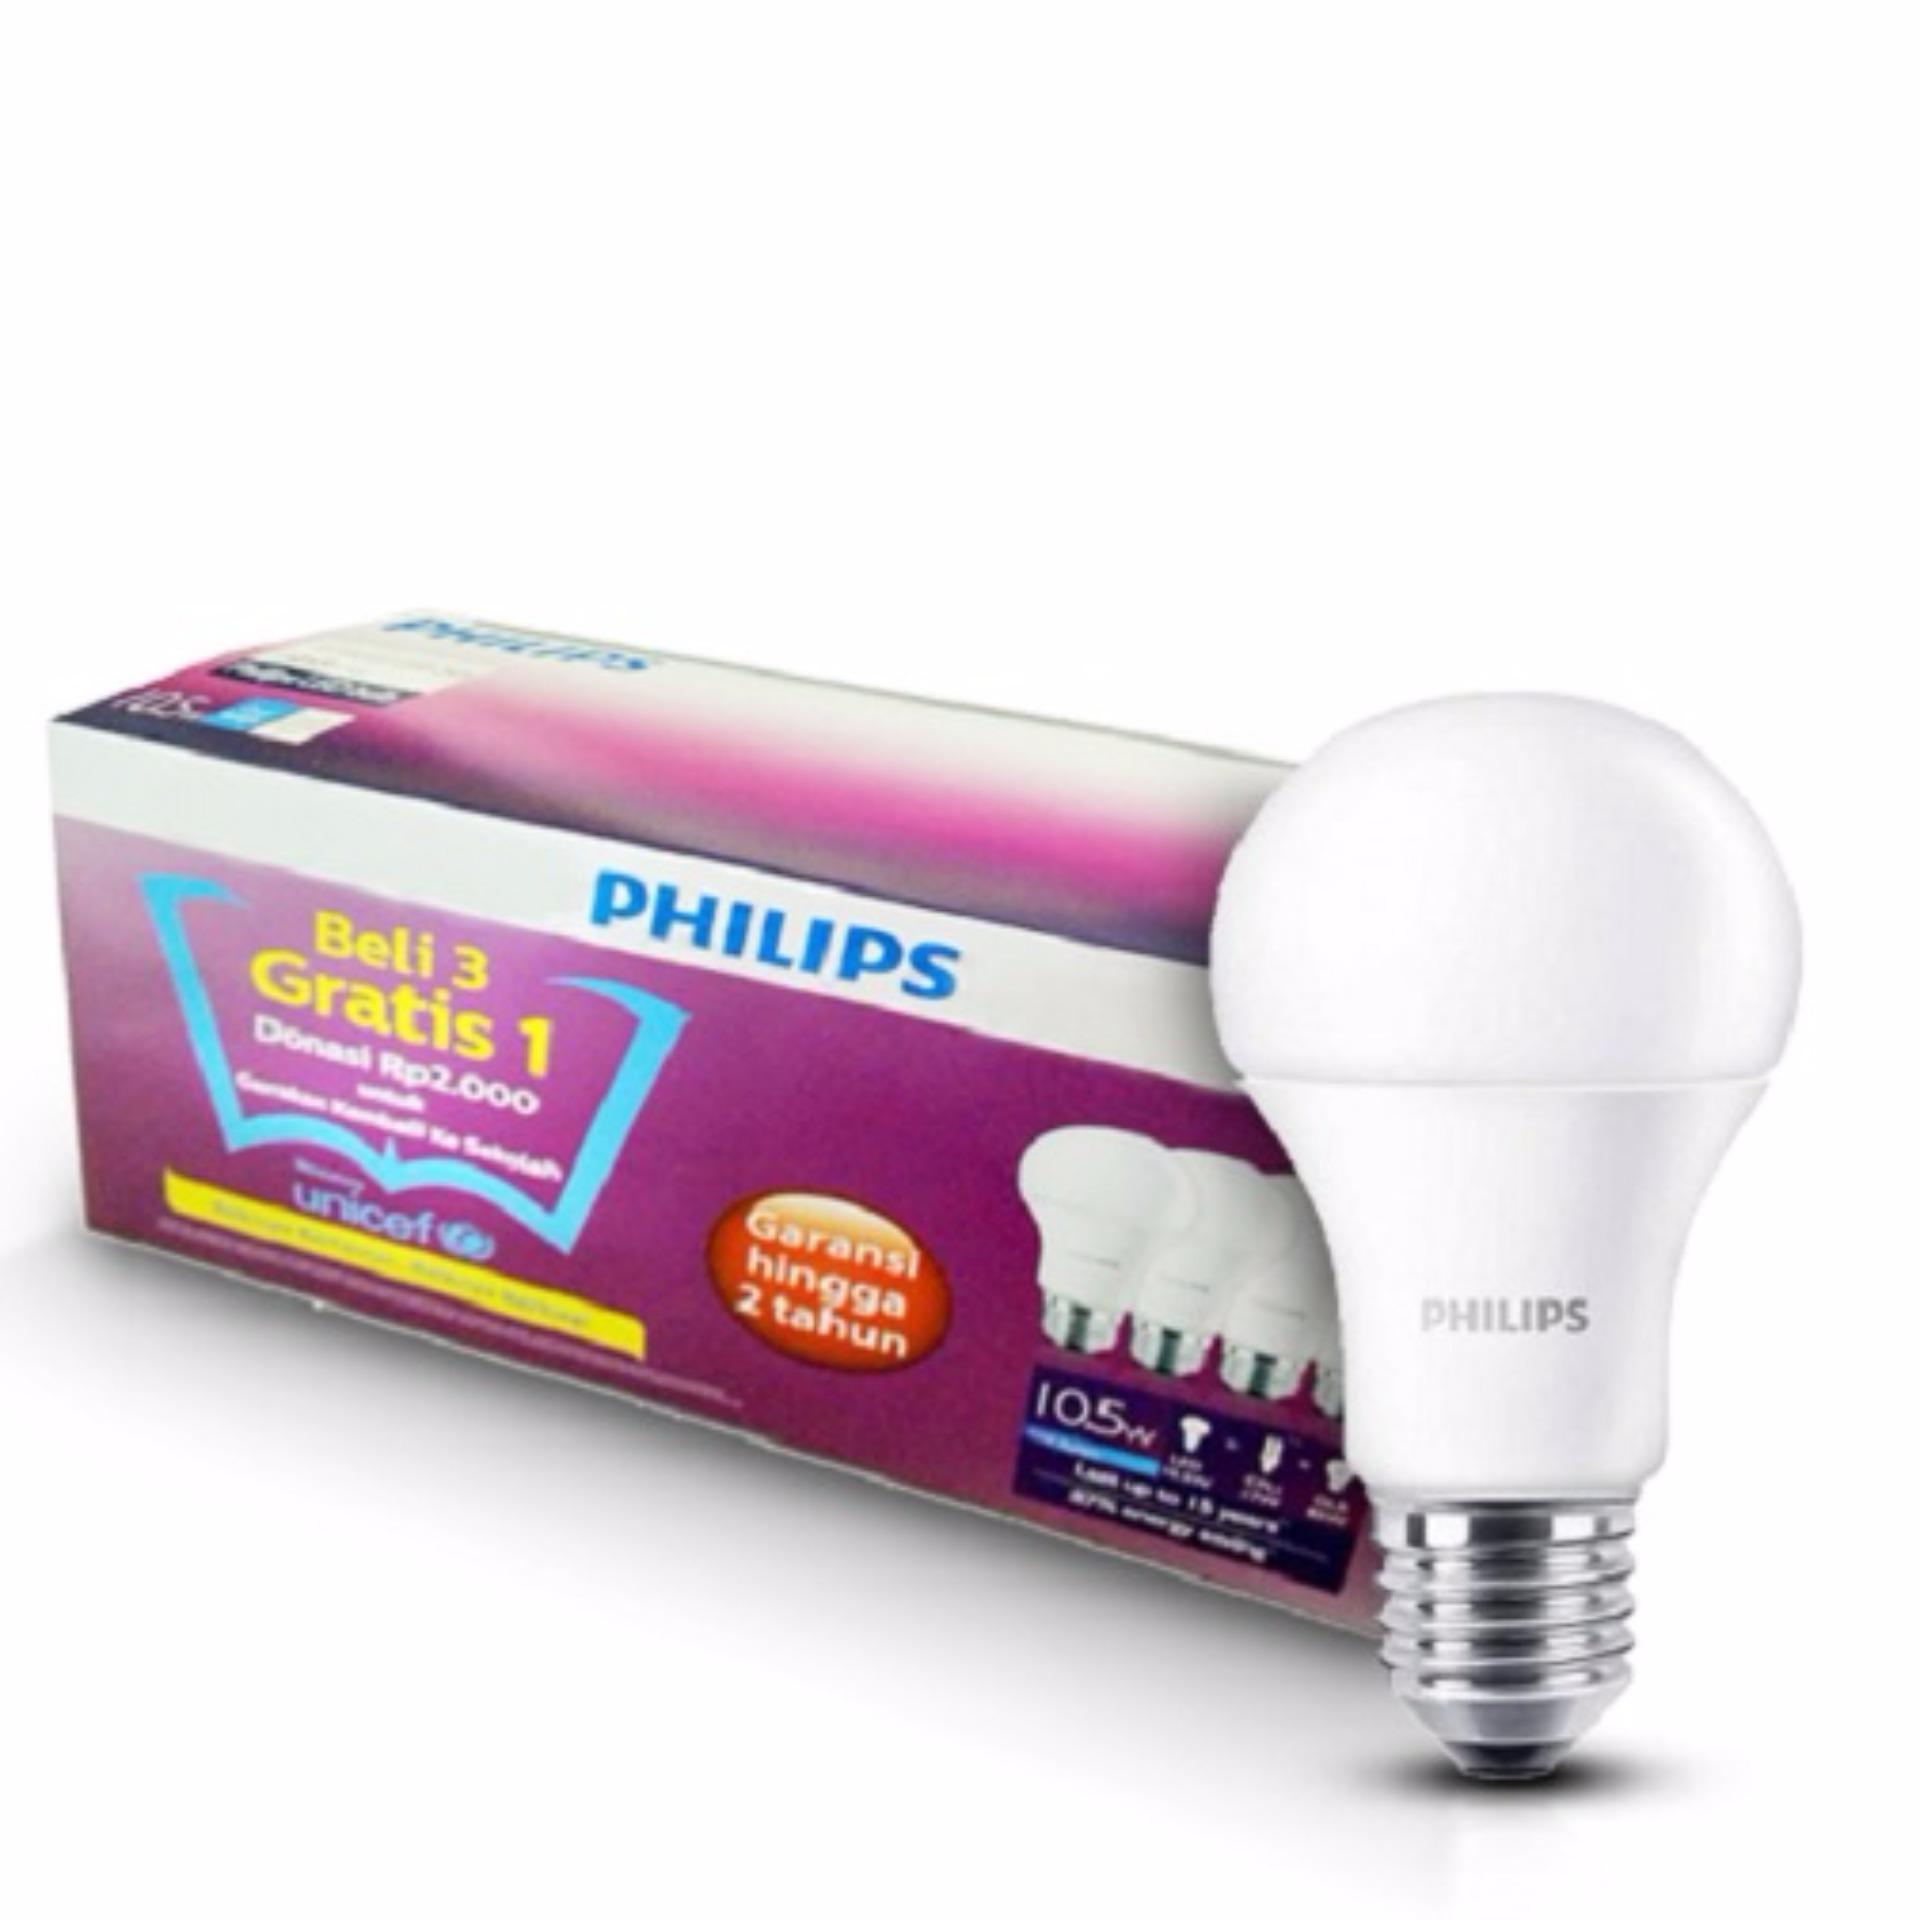 Beli Philips Led Bulb 10 5W Unicef Beli 3 Gratis 1 Putih Secara Angsuran